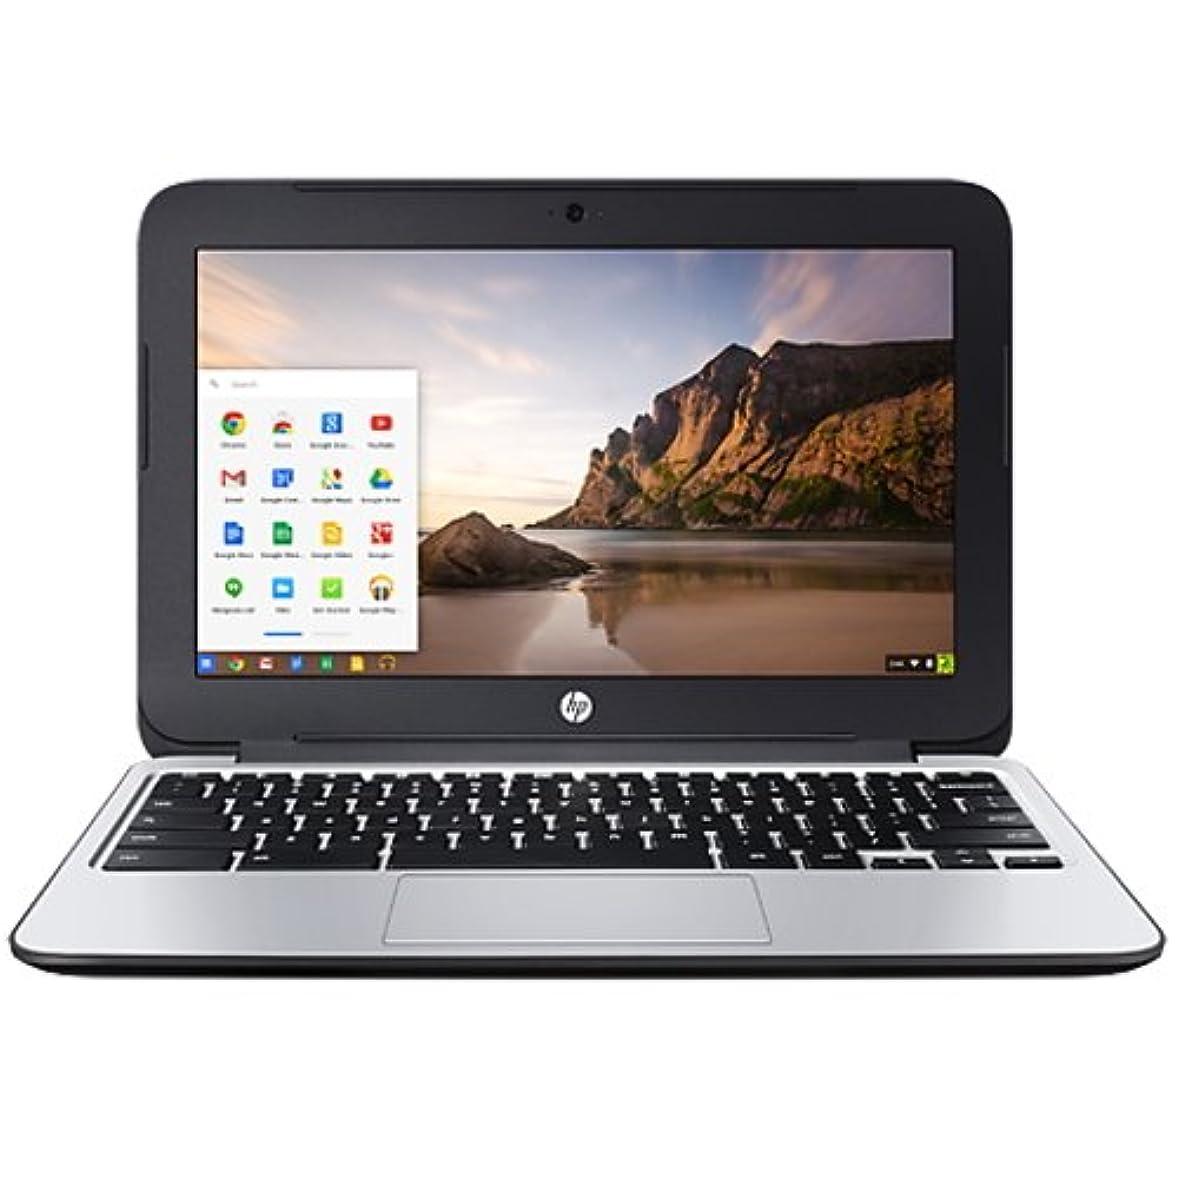 連帯活性化する重々しいJumper EZbook 3 Pro 13.3インチノートパソコン 薄型FHD IPSクワッドコアwindows10搭載 デュアルバンドACワイファイ6G RAM 64GB eMMC 金属シェルラップトップPC